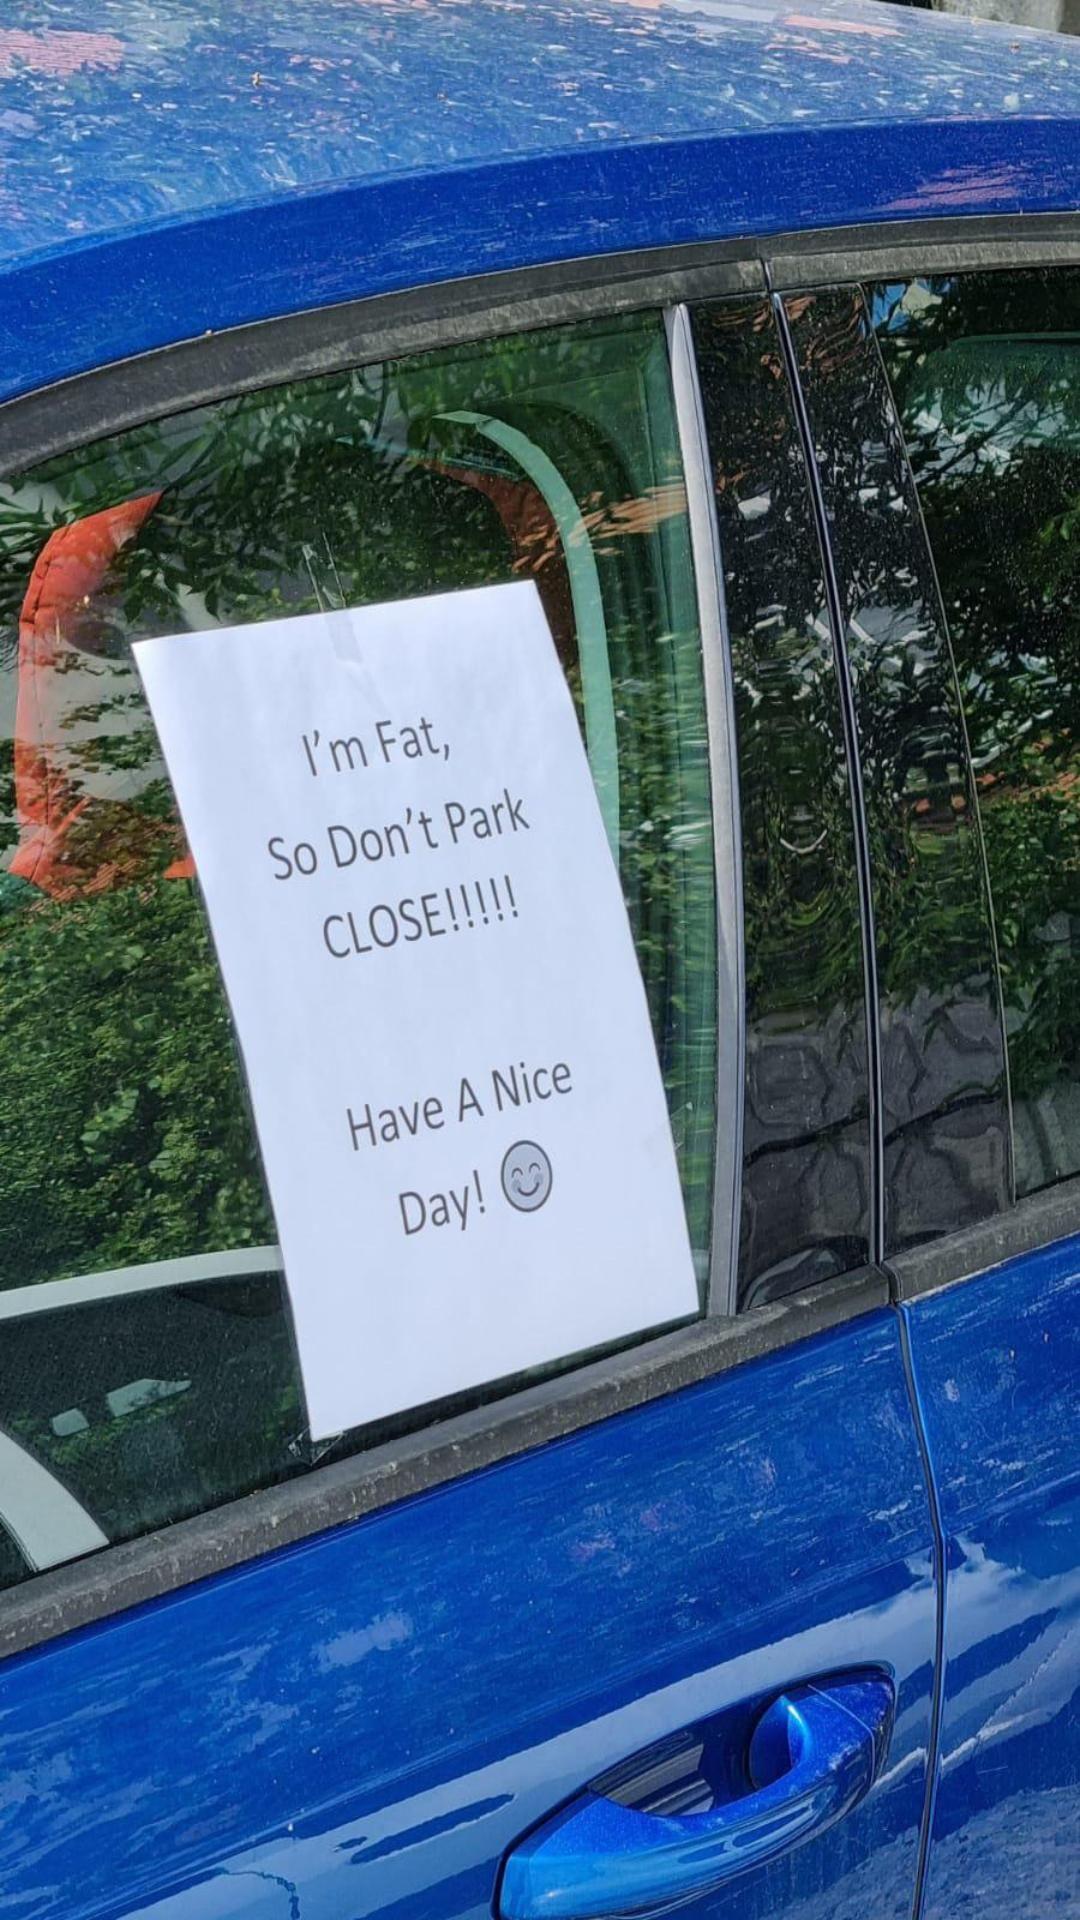 Don't park close!